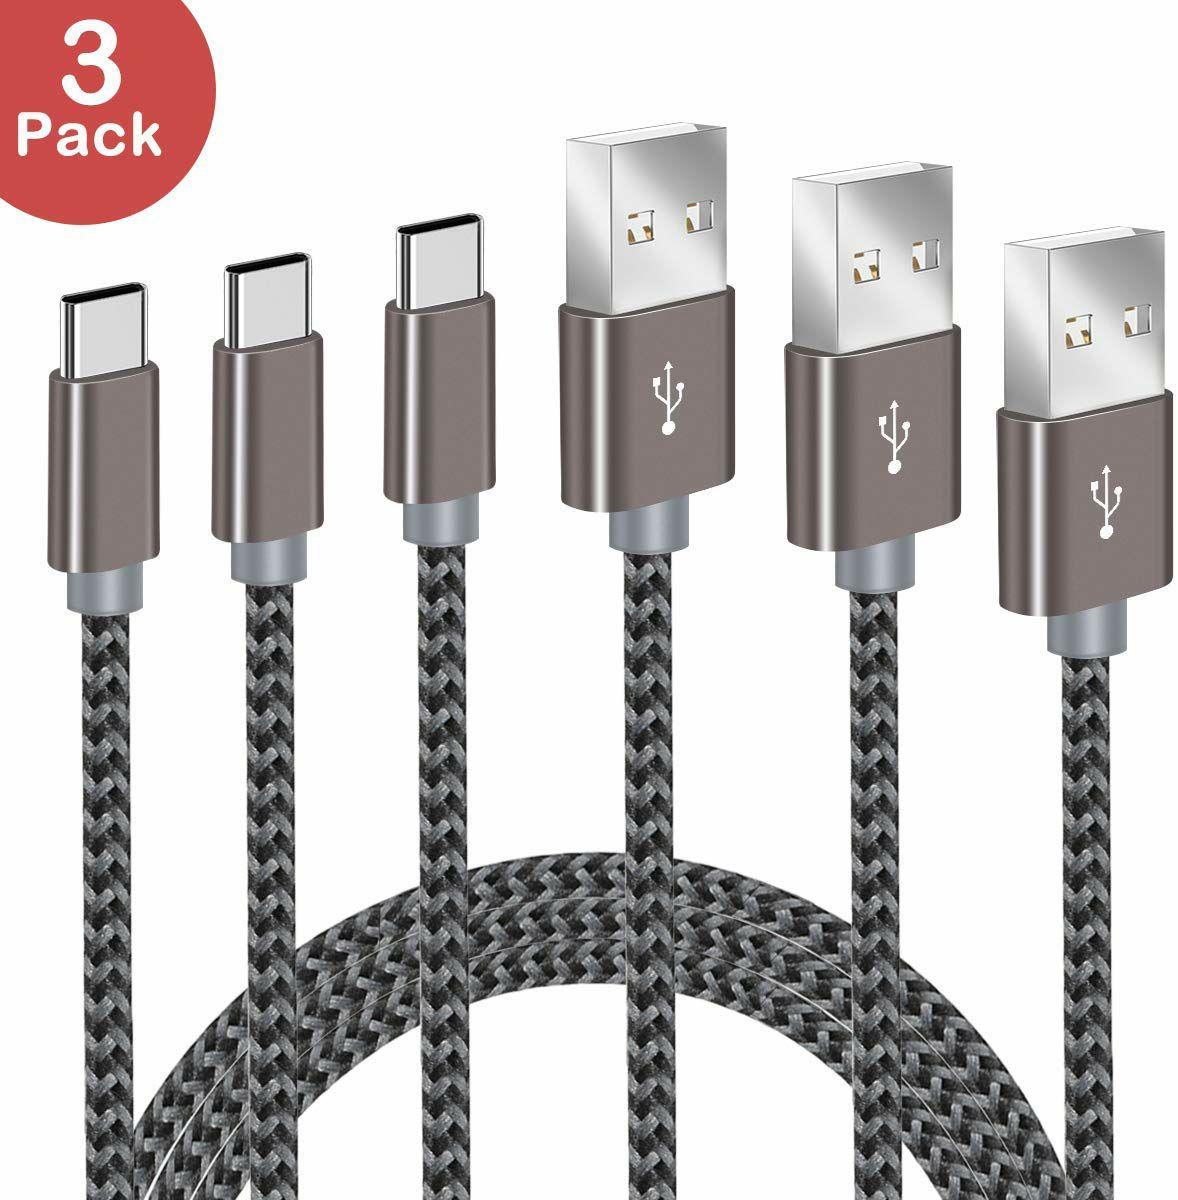 Lote de 3 cables tipo C de 2M trenzados, velocidad de transferencia de hasta 480MB/s.